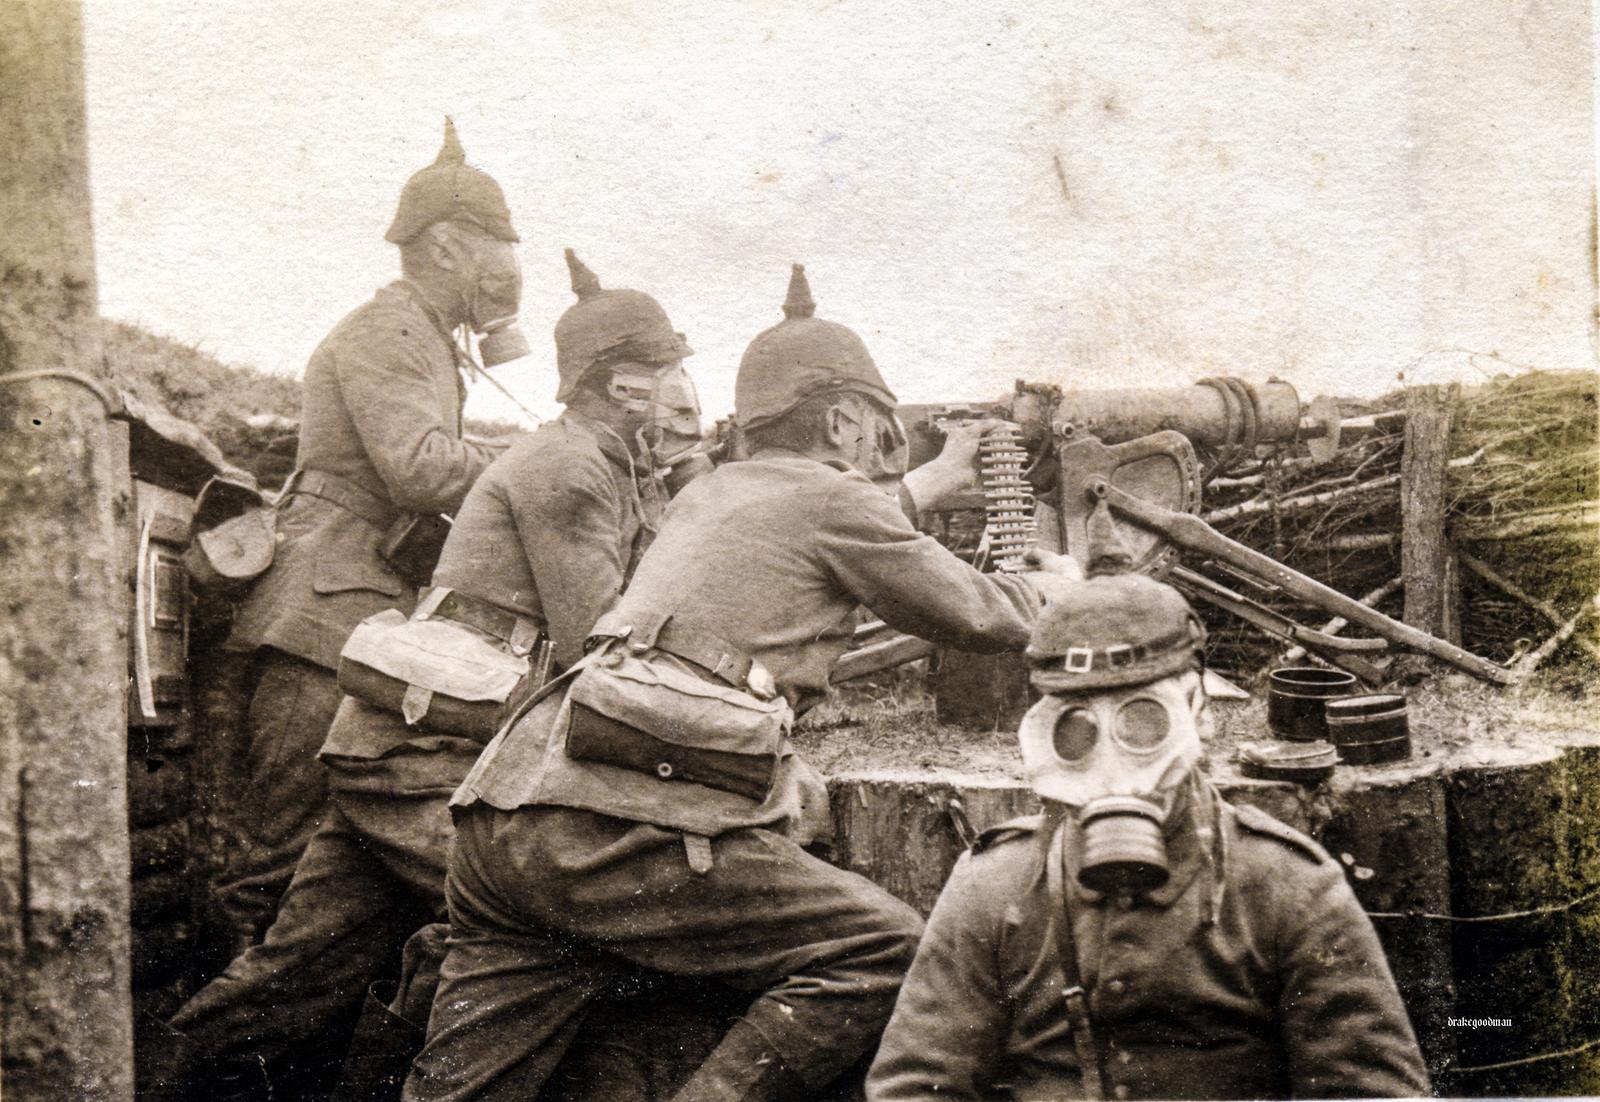 фото 1 мировой войны